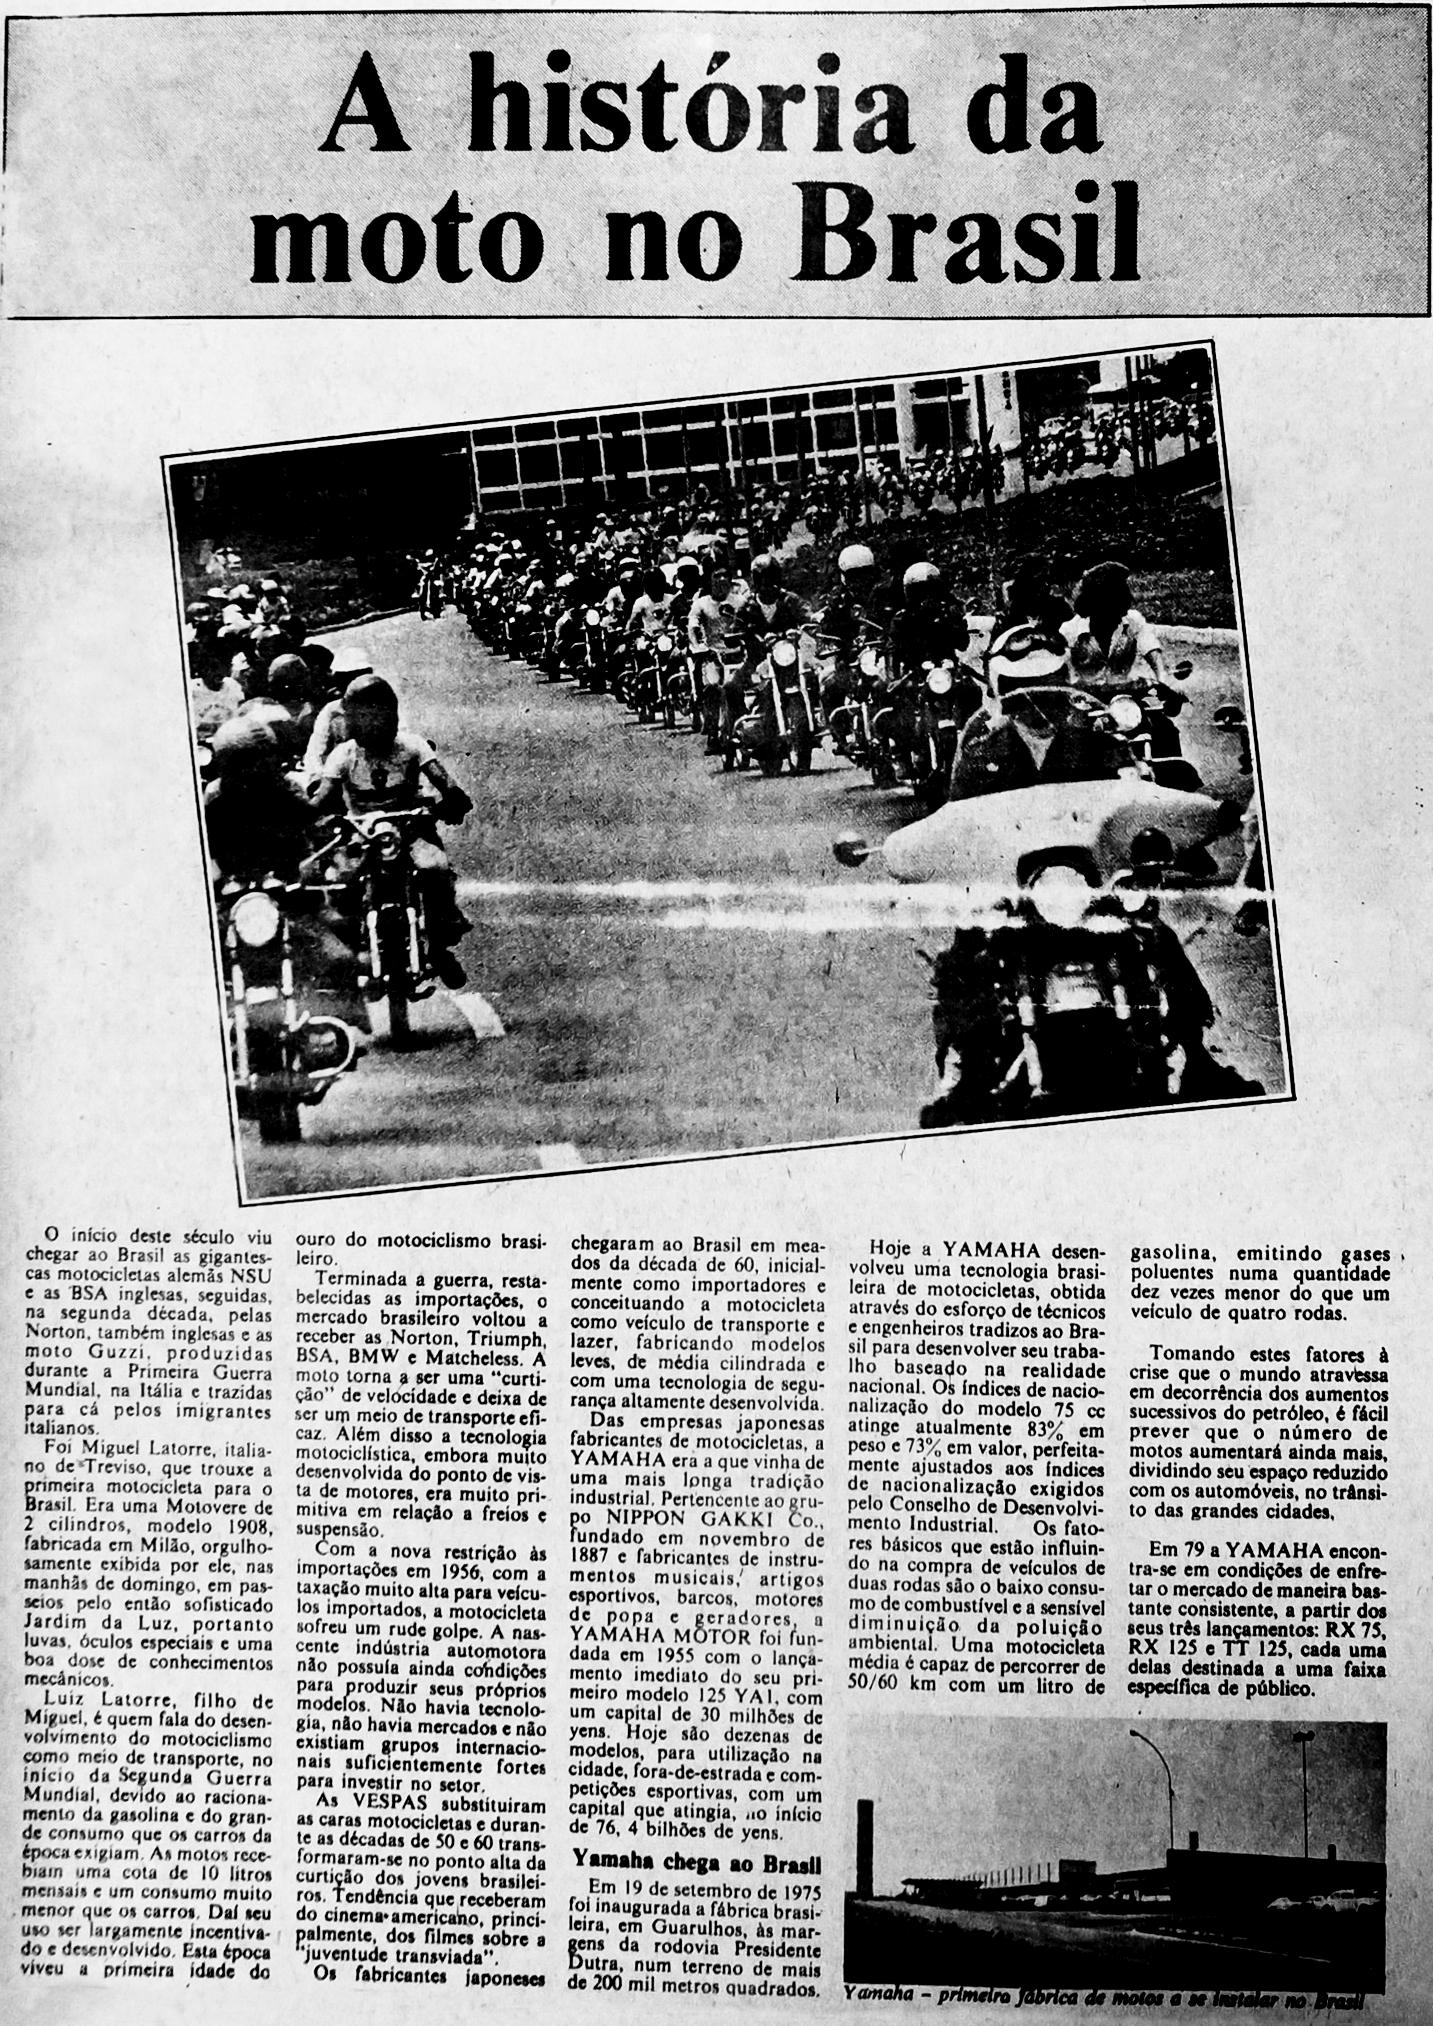 A chegada das motocicletas alemãs no Brasil